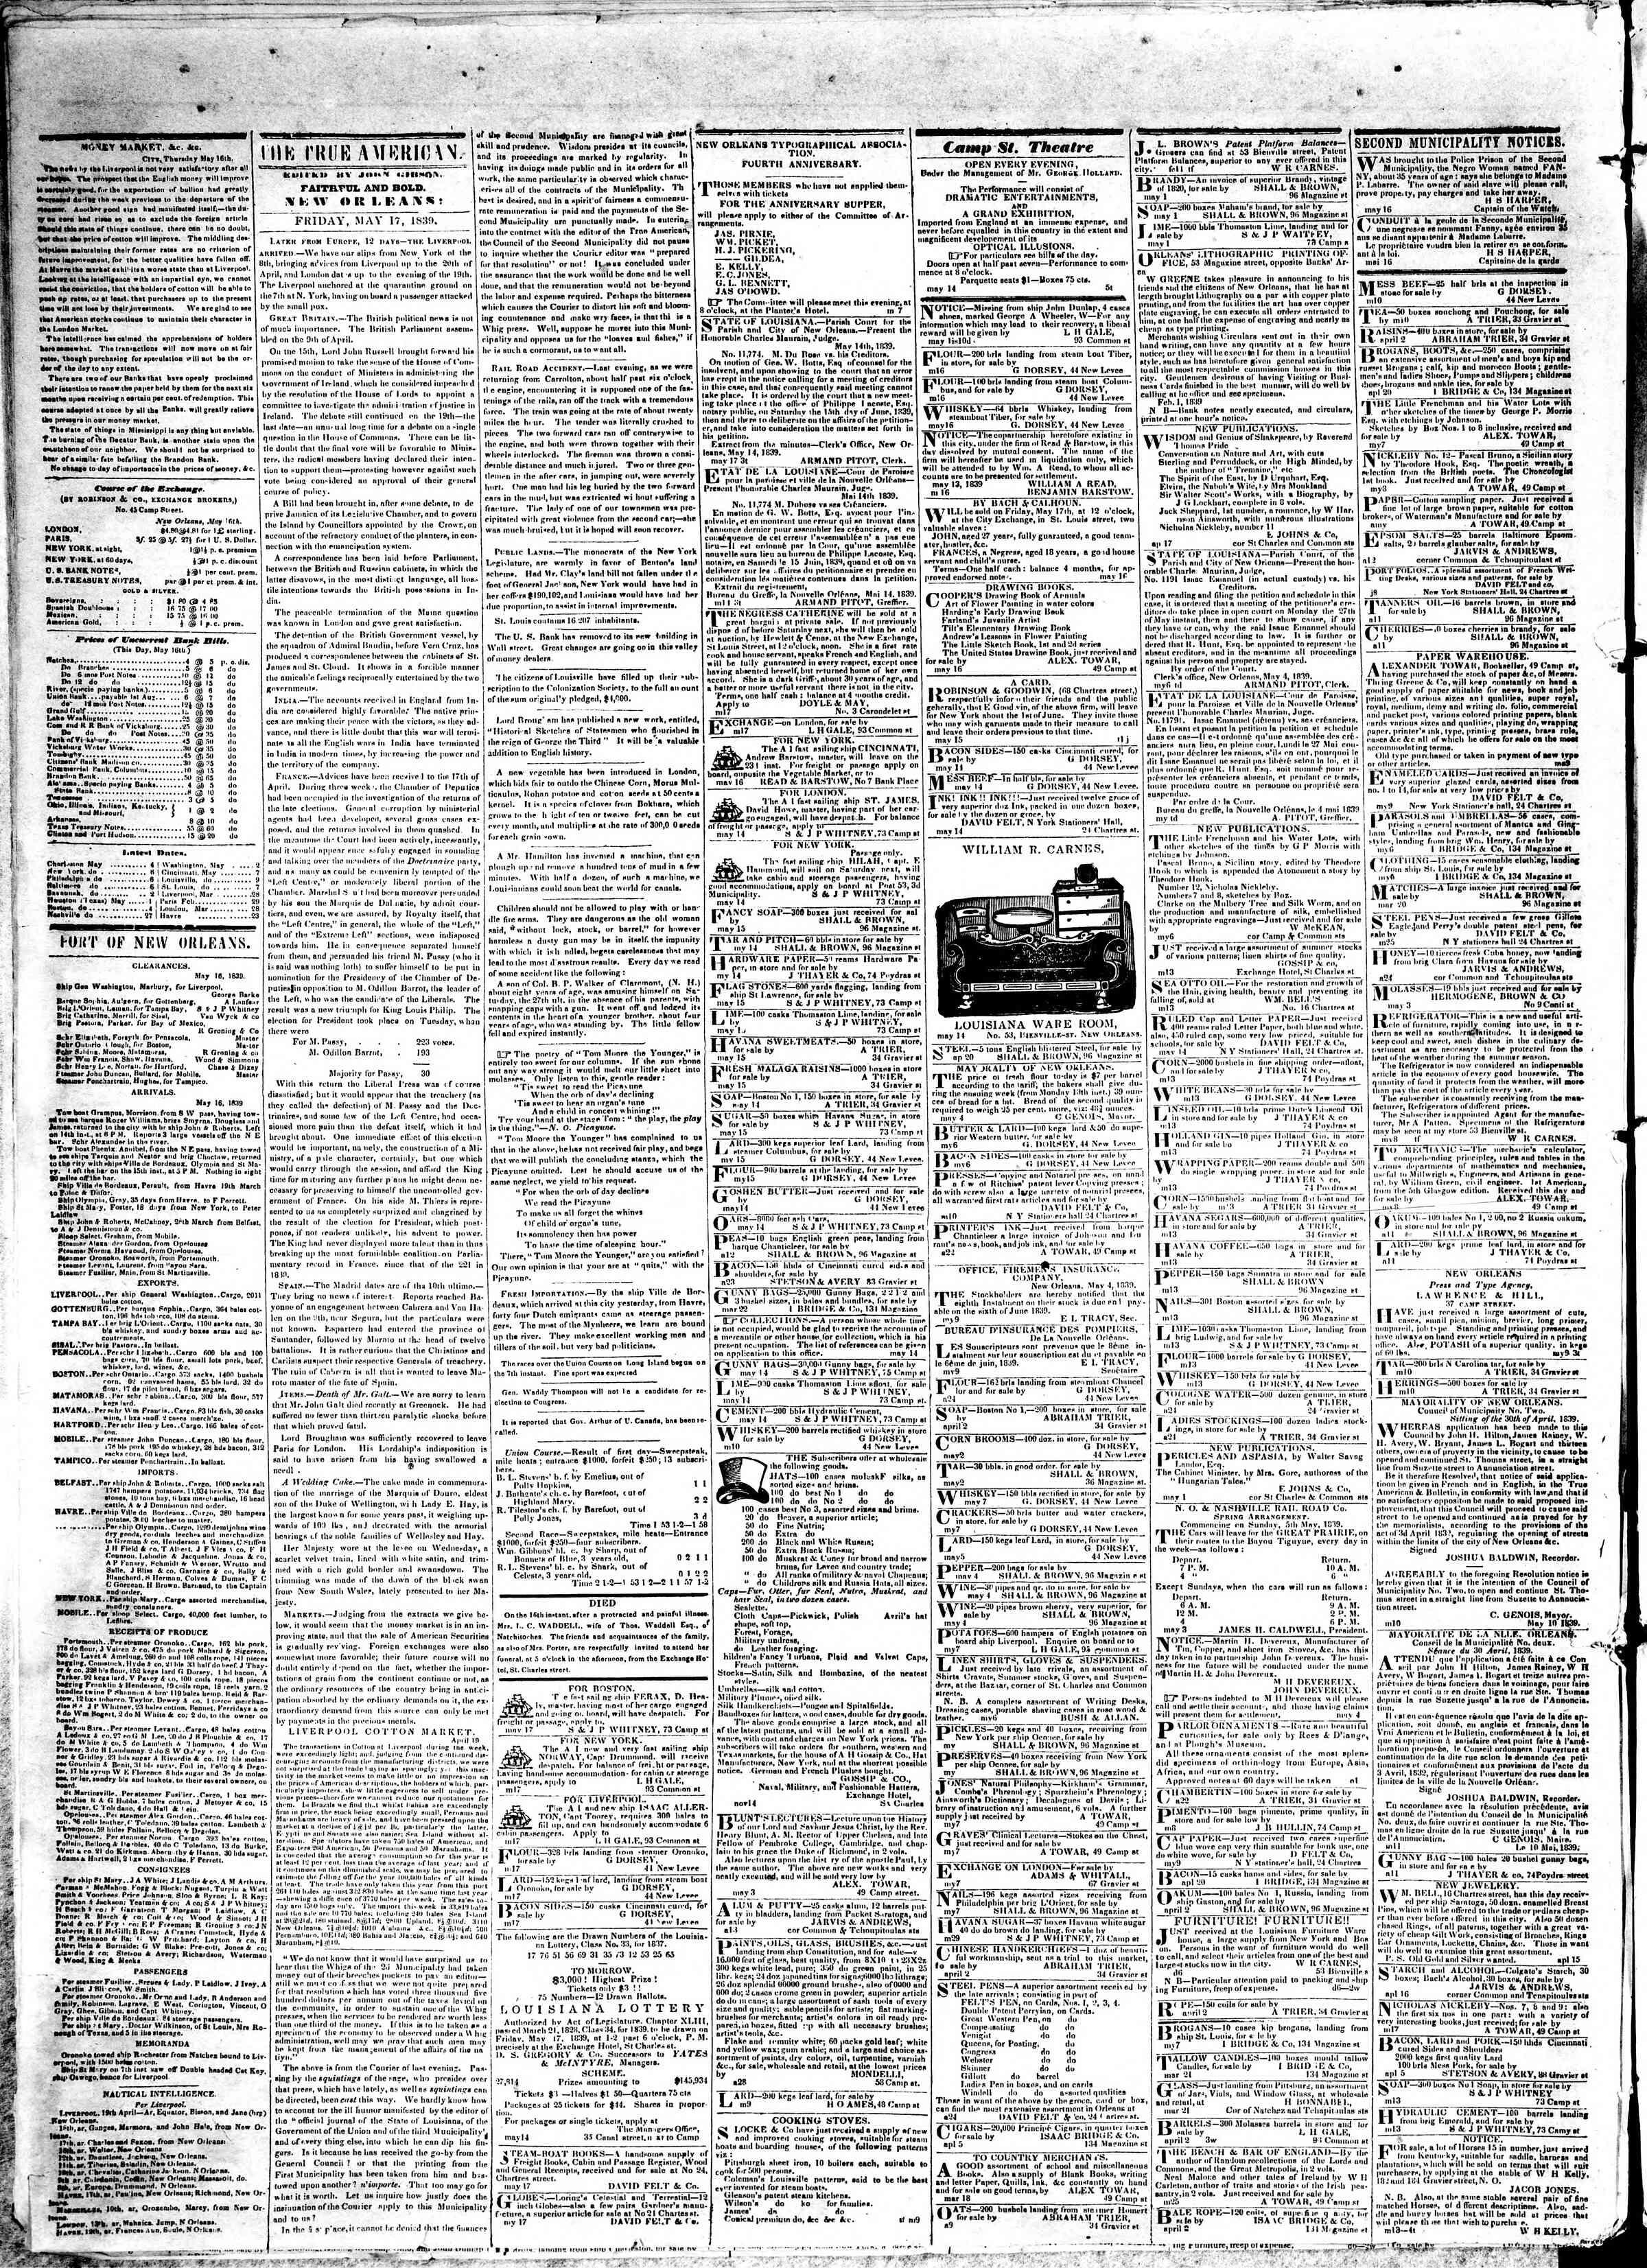 May 17, 1839 Tarihli True American Gazetesi Sayfa 2